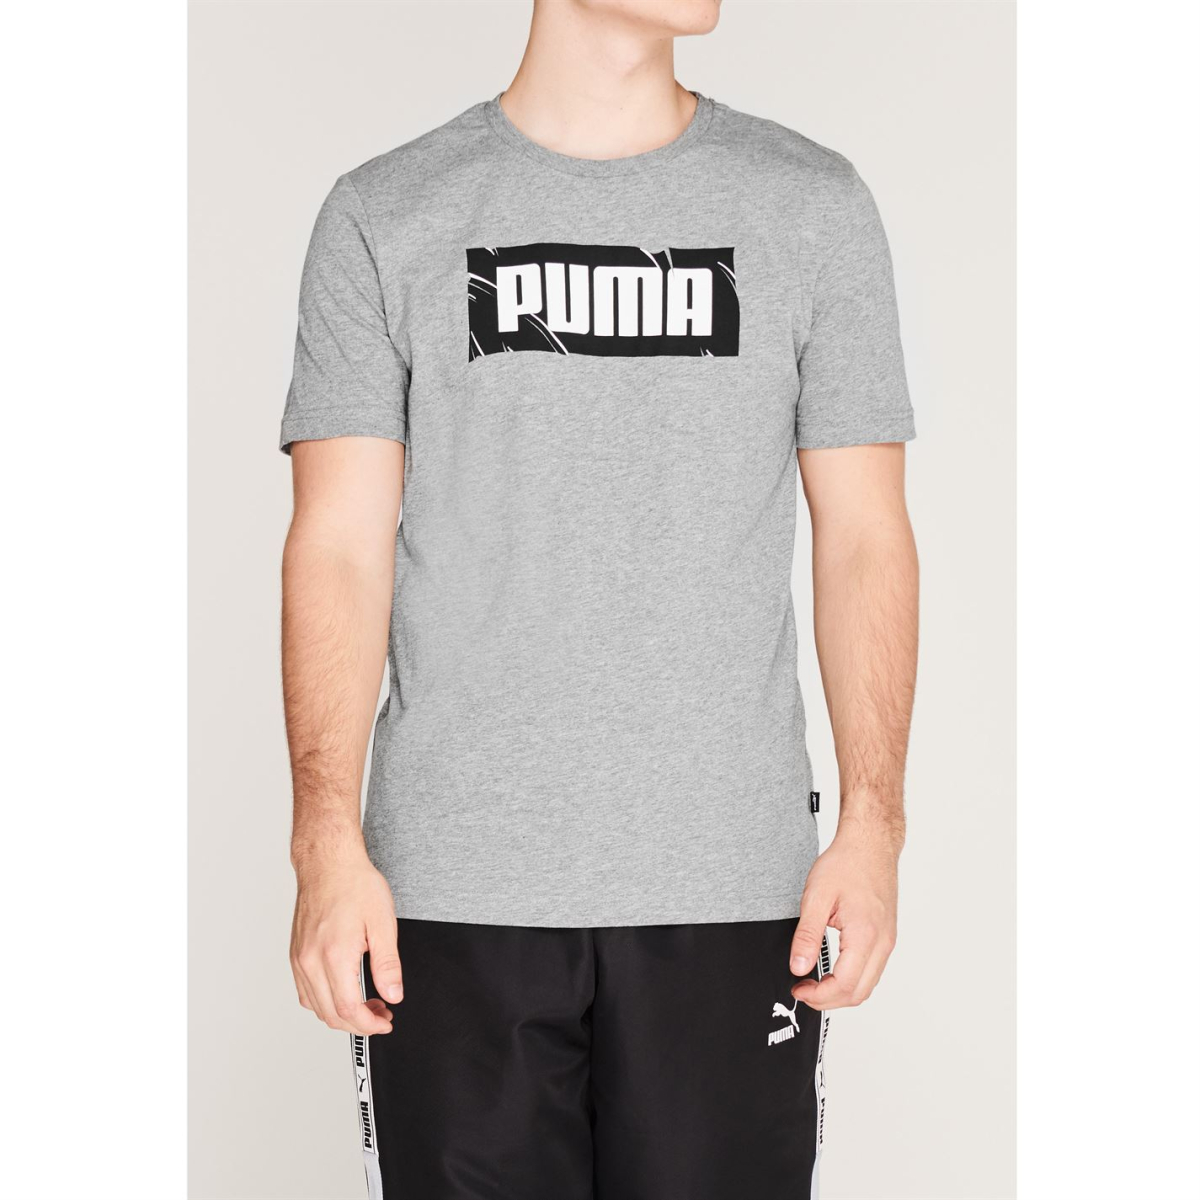 Lonsdale T-Shirt Herren TShirt T shirt Tee Kurzarm Rundhals Freizeit 2252